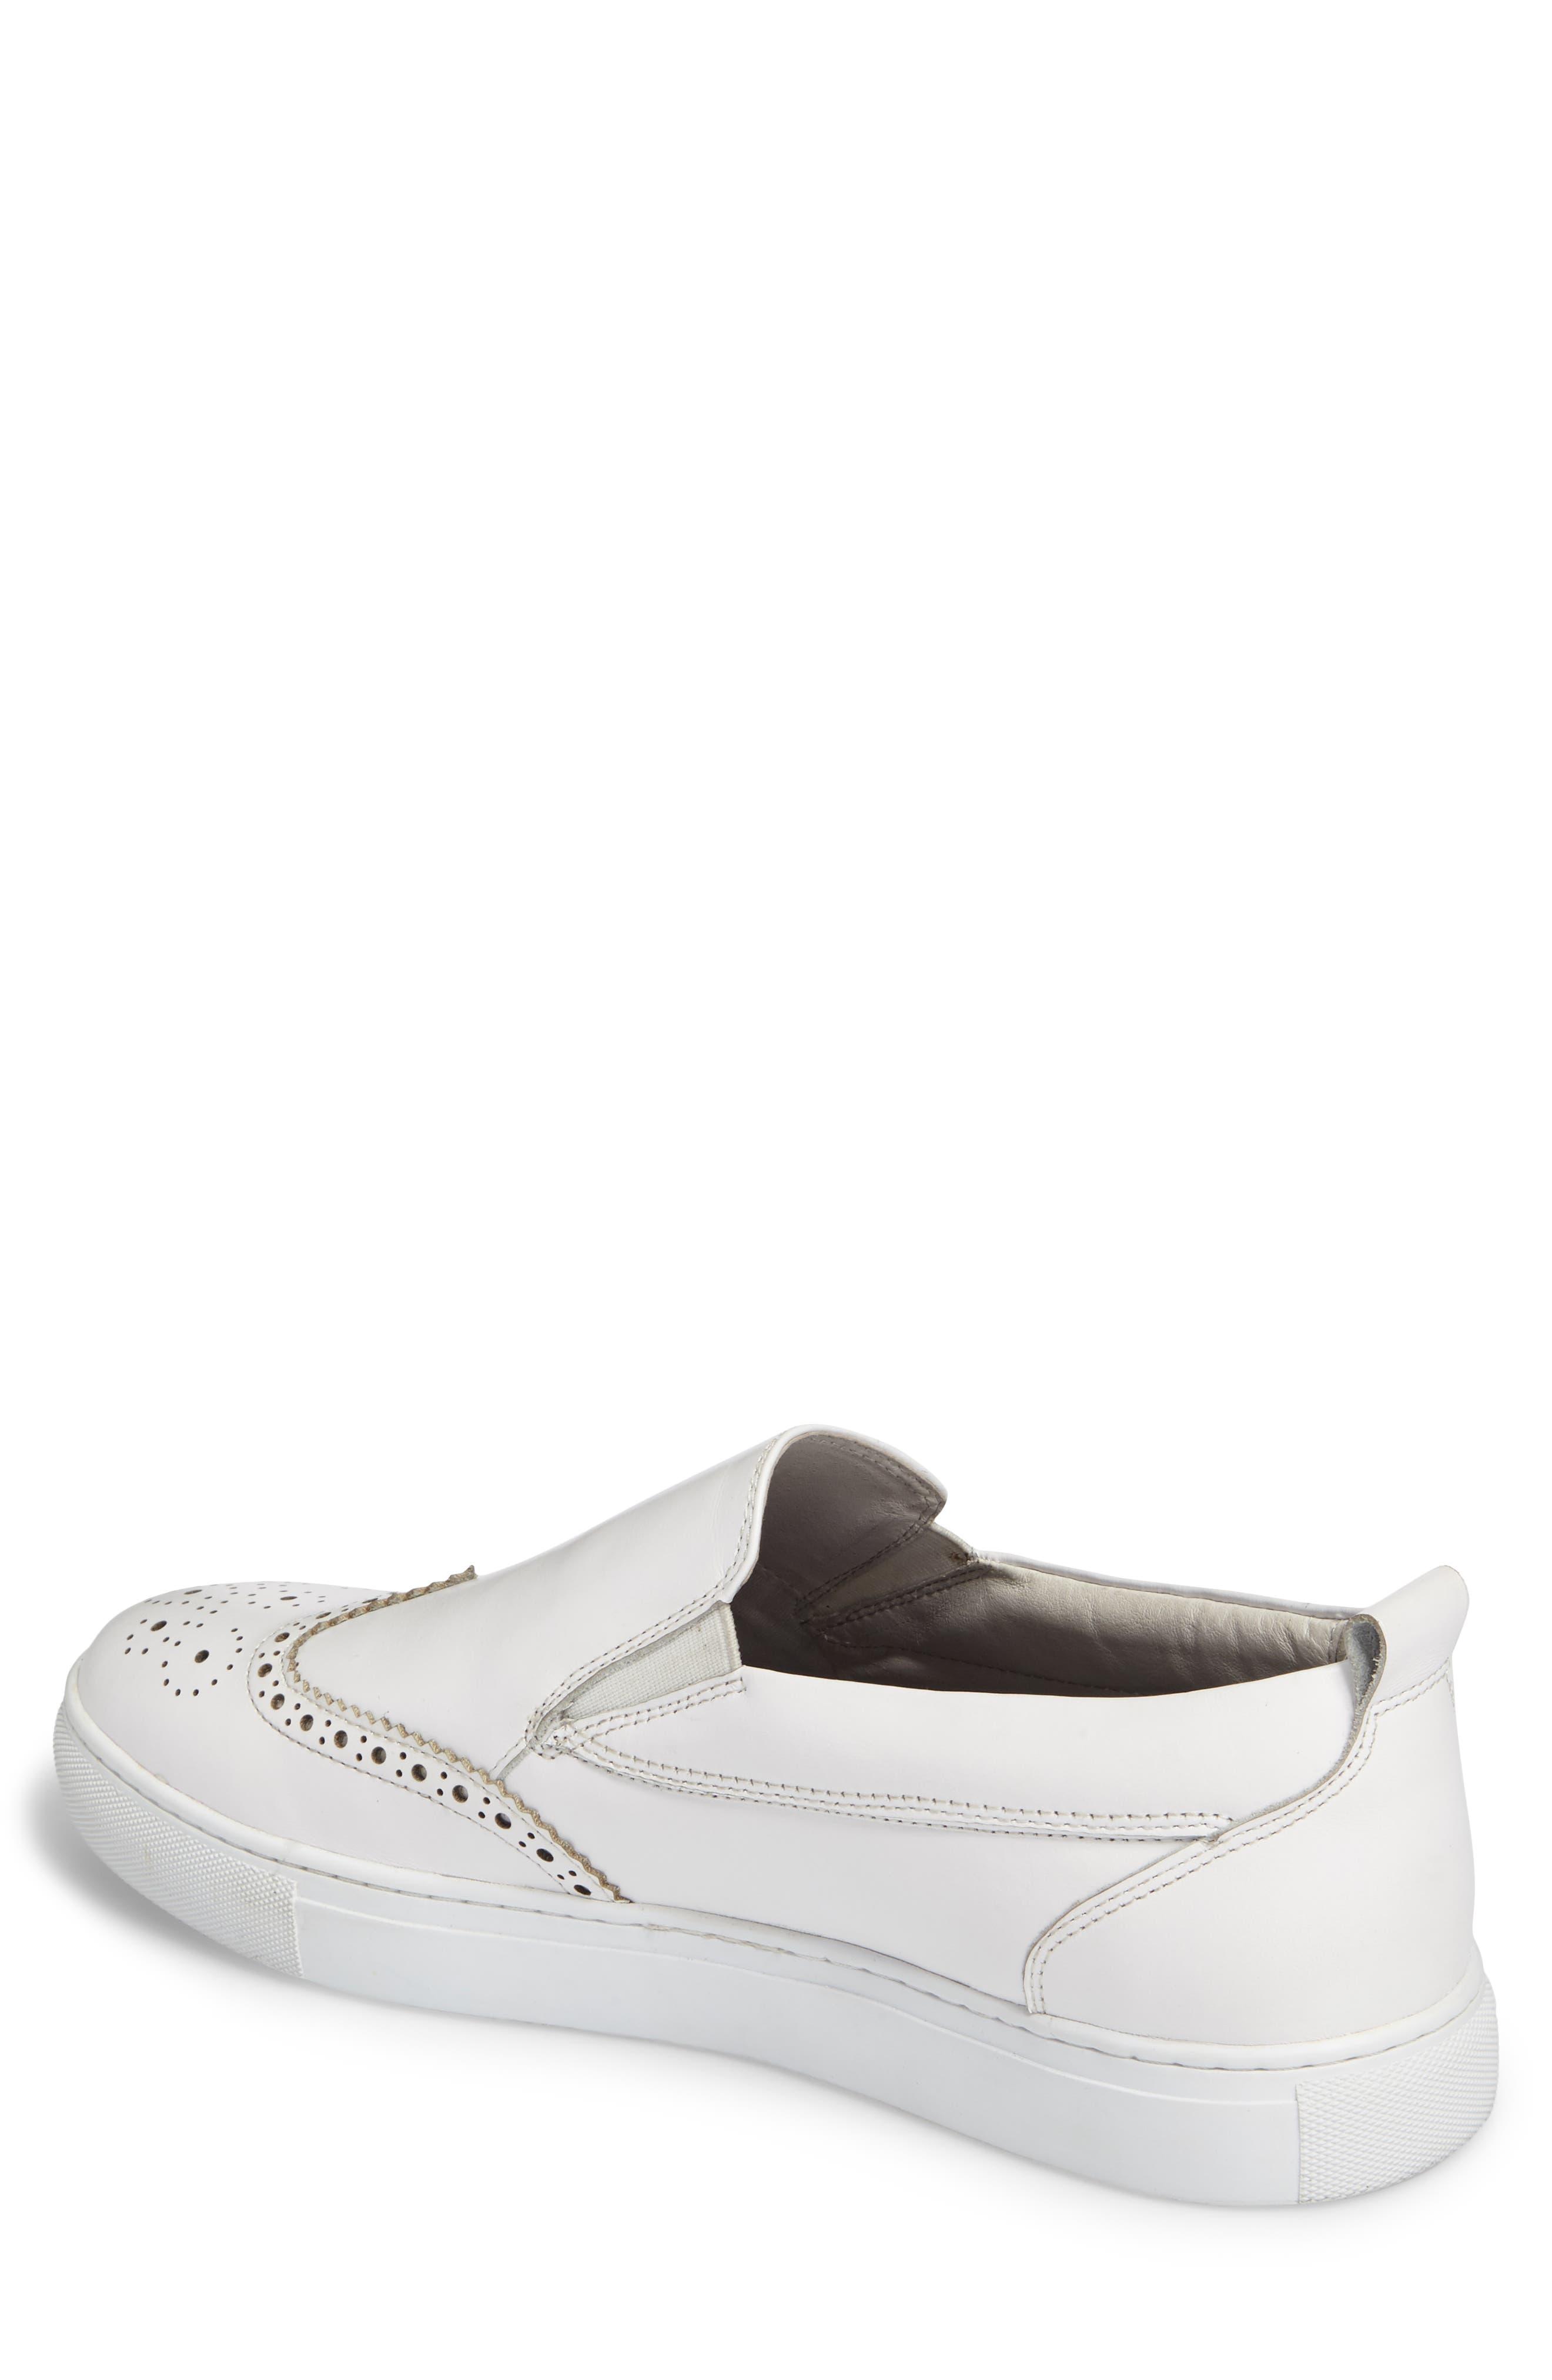 Alternate Image 2  - Zanzara Ali Wingtip Slip-On Sneaker (Men)